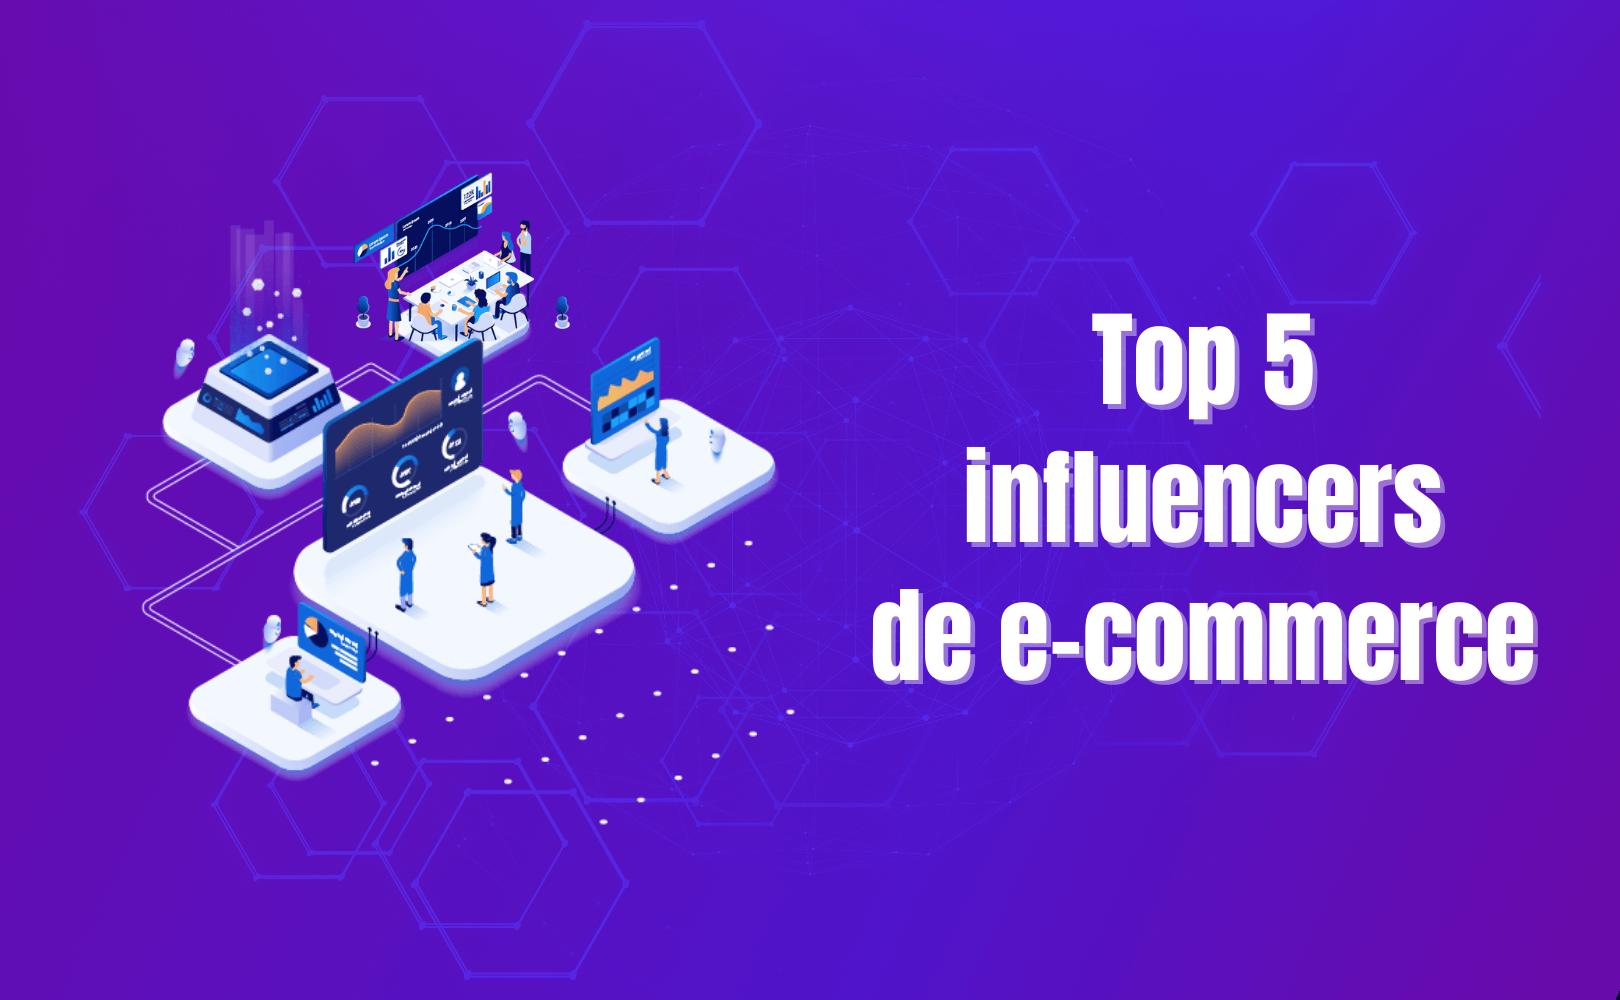 Top 5 influencers de e-commerce